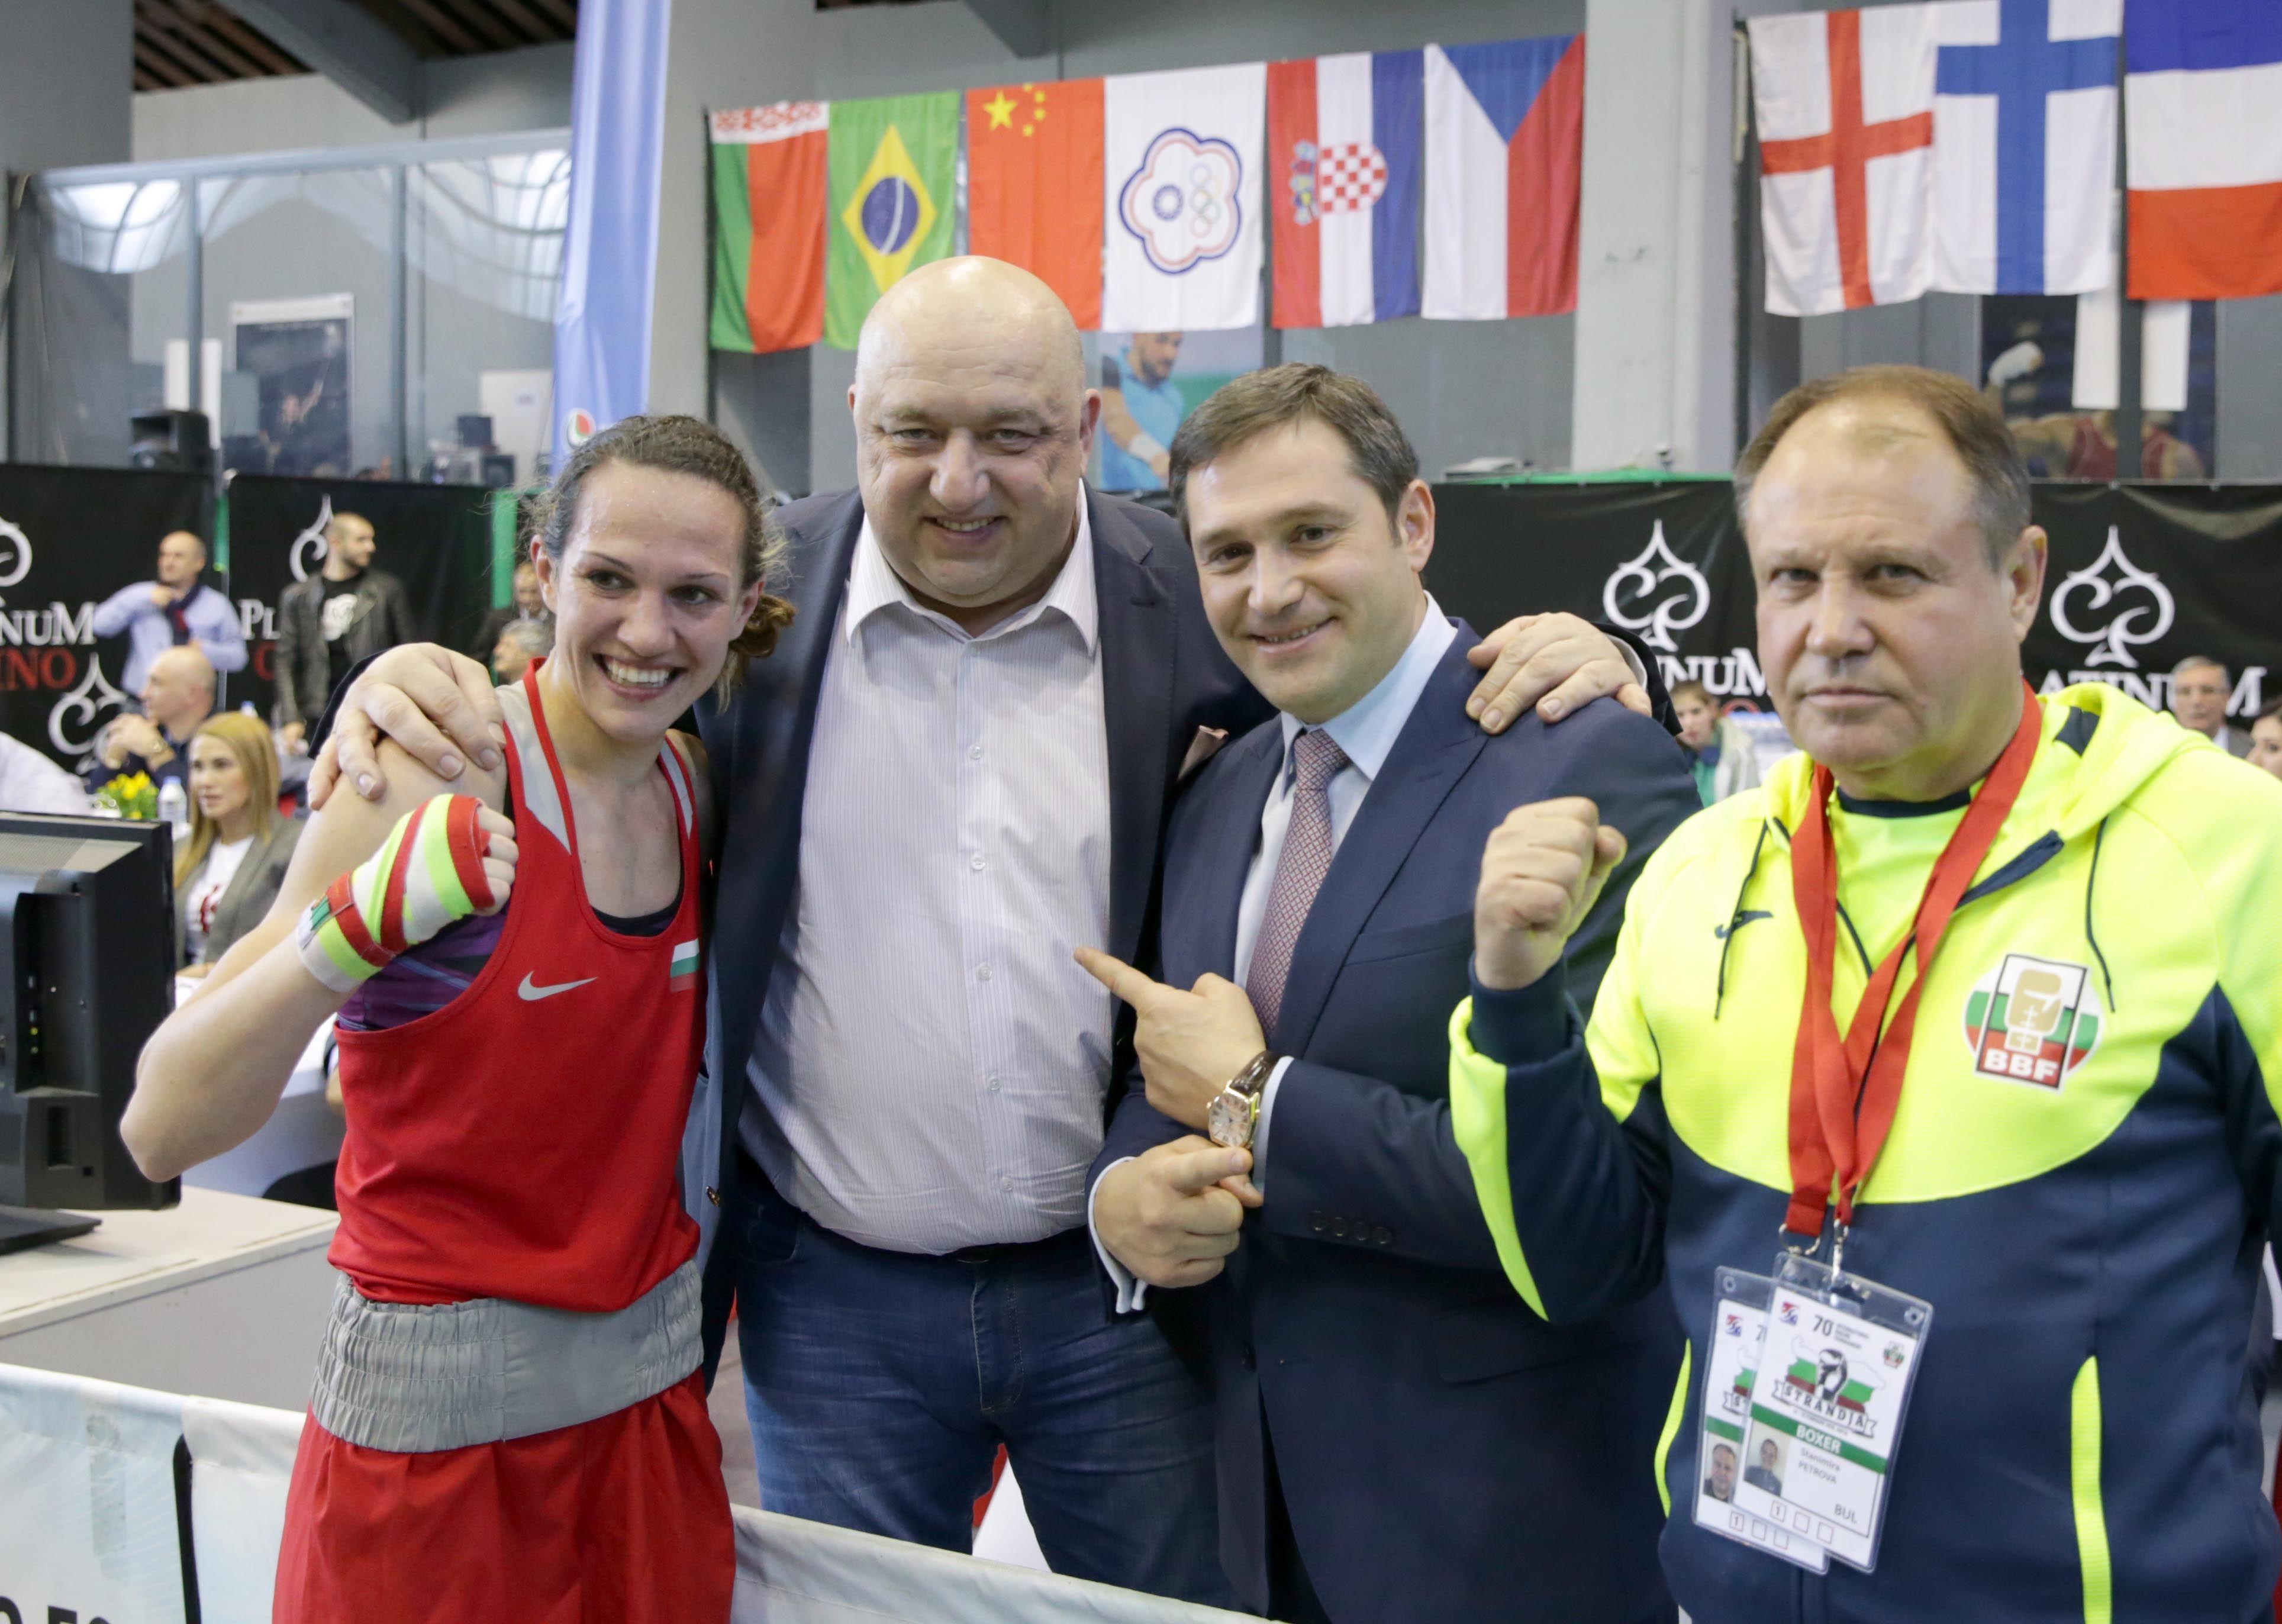 Шампионката Петрова: Не мисля за очаквания и не се напрягам